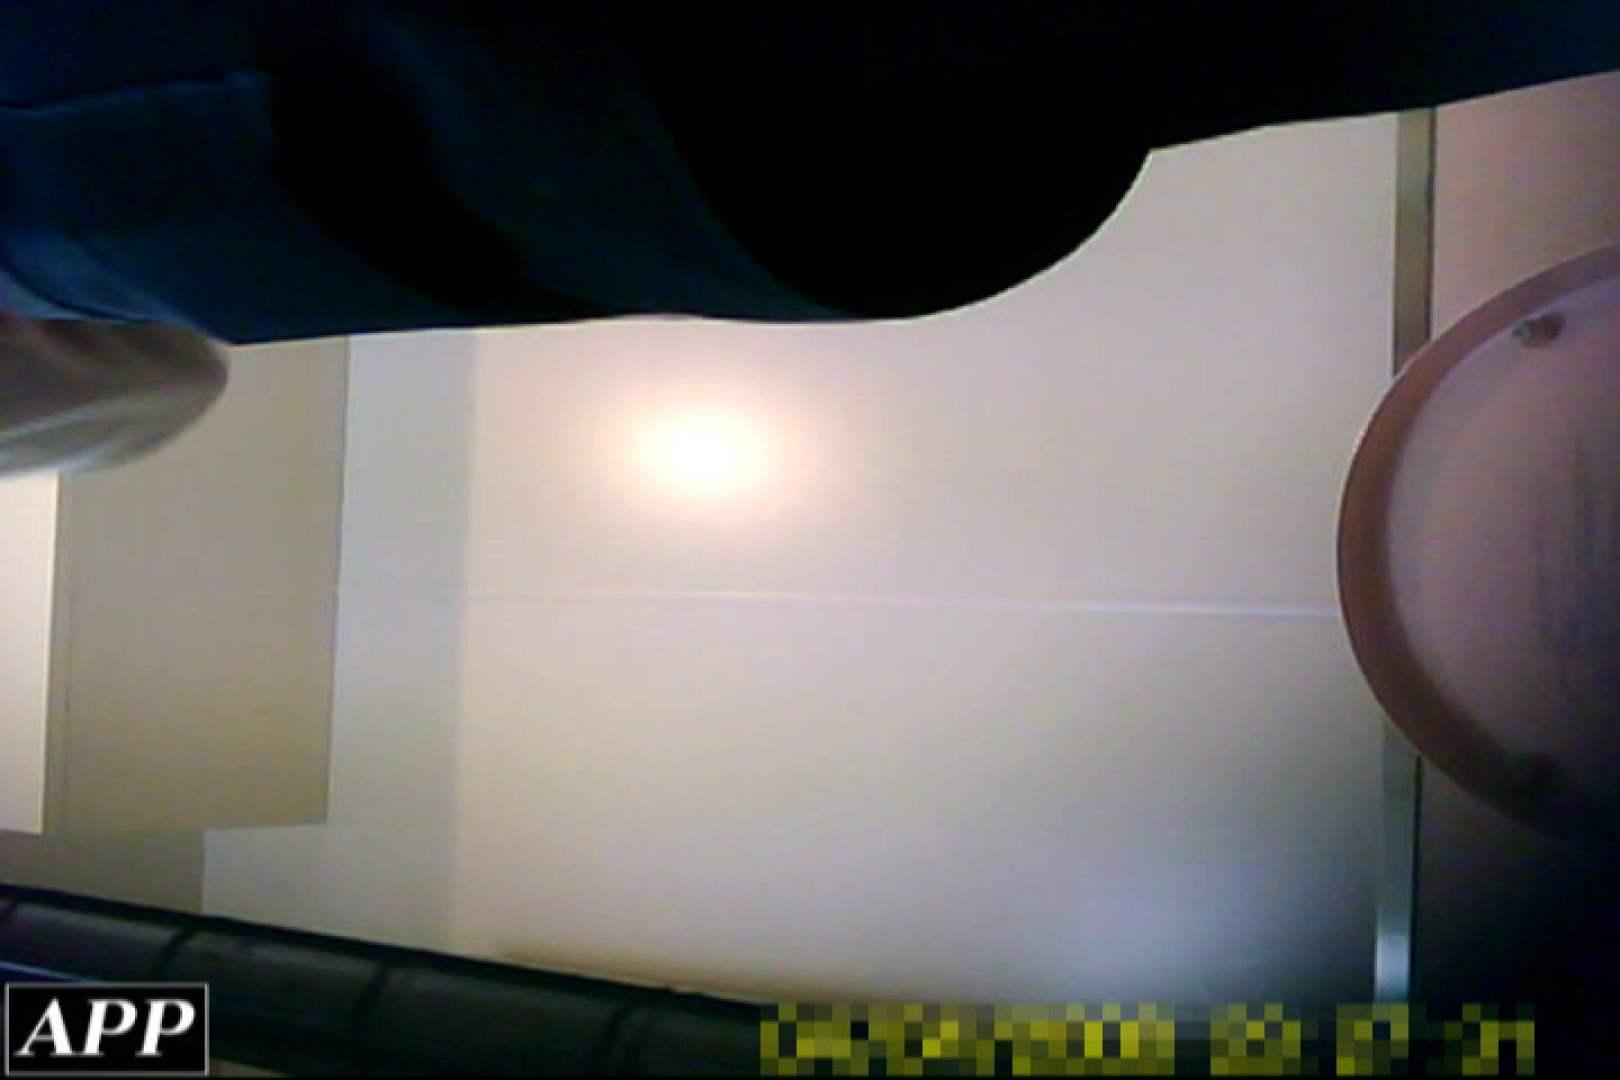 3視点洗面所 vol.143 OLの実態 のぞき動画画像 23pic 14